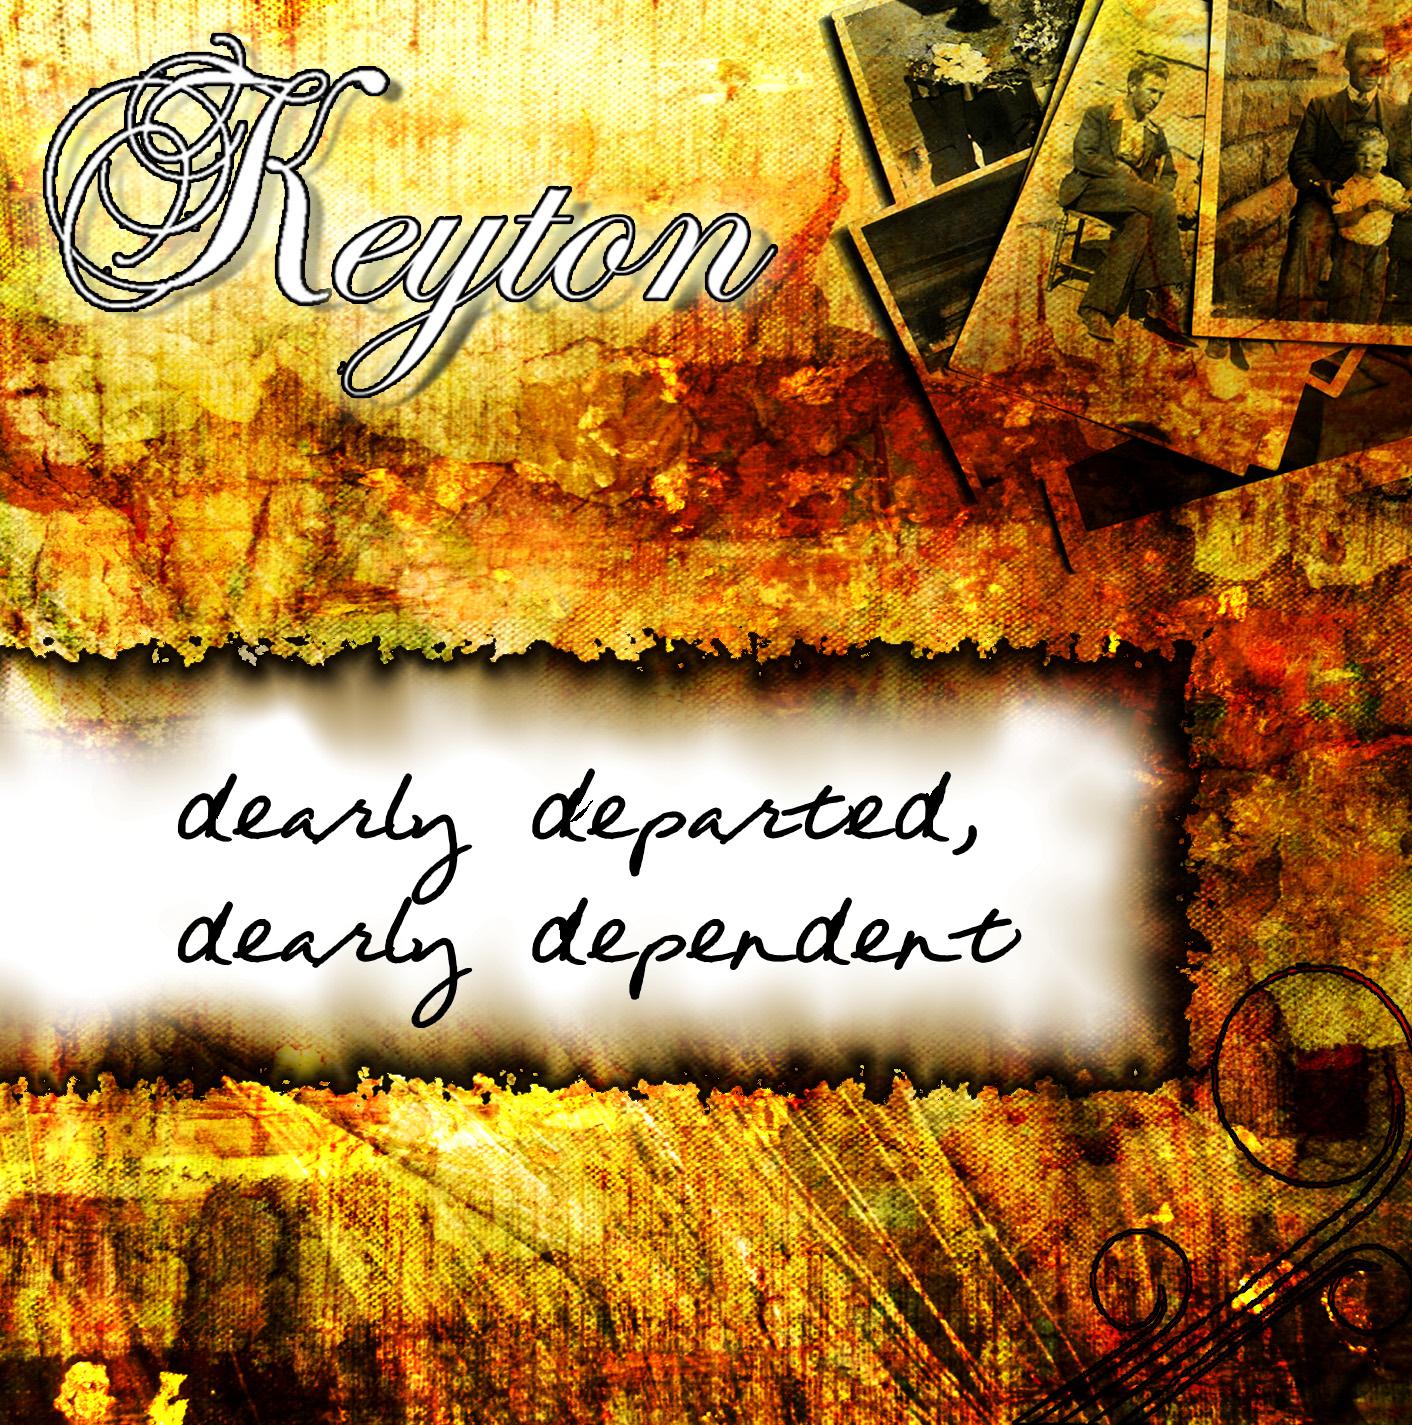 DD,DD cdbooklet_keyton_Page_1